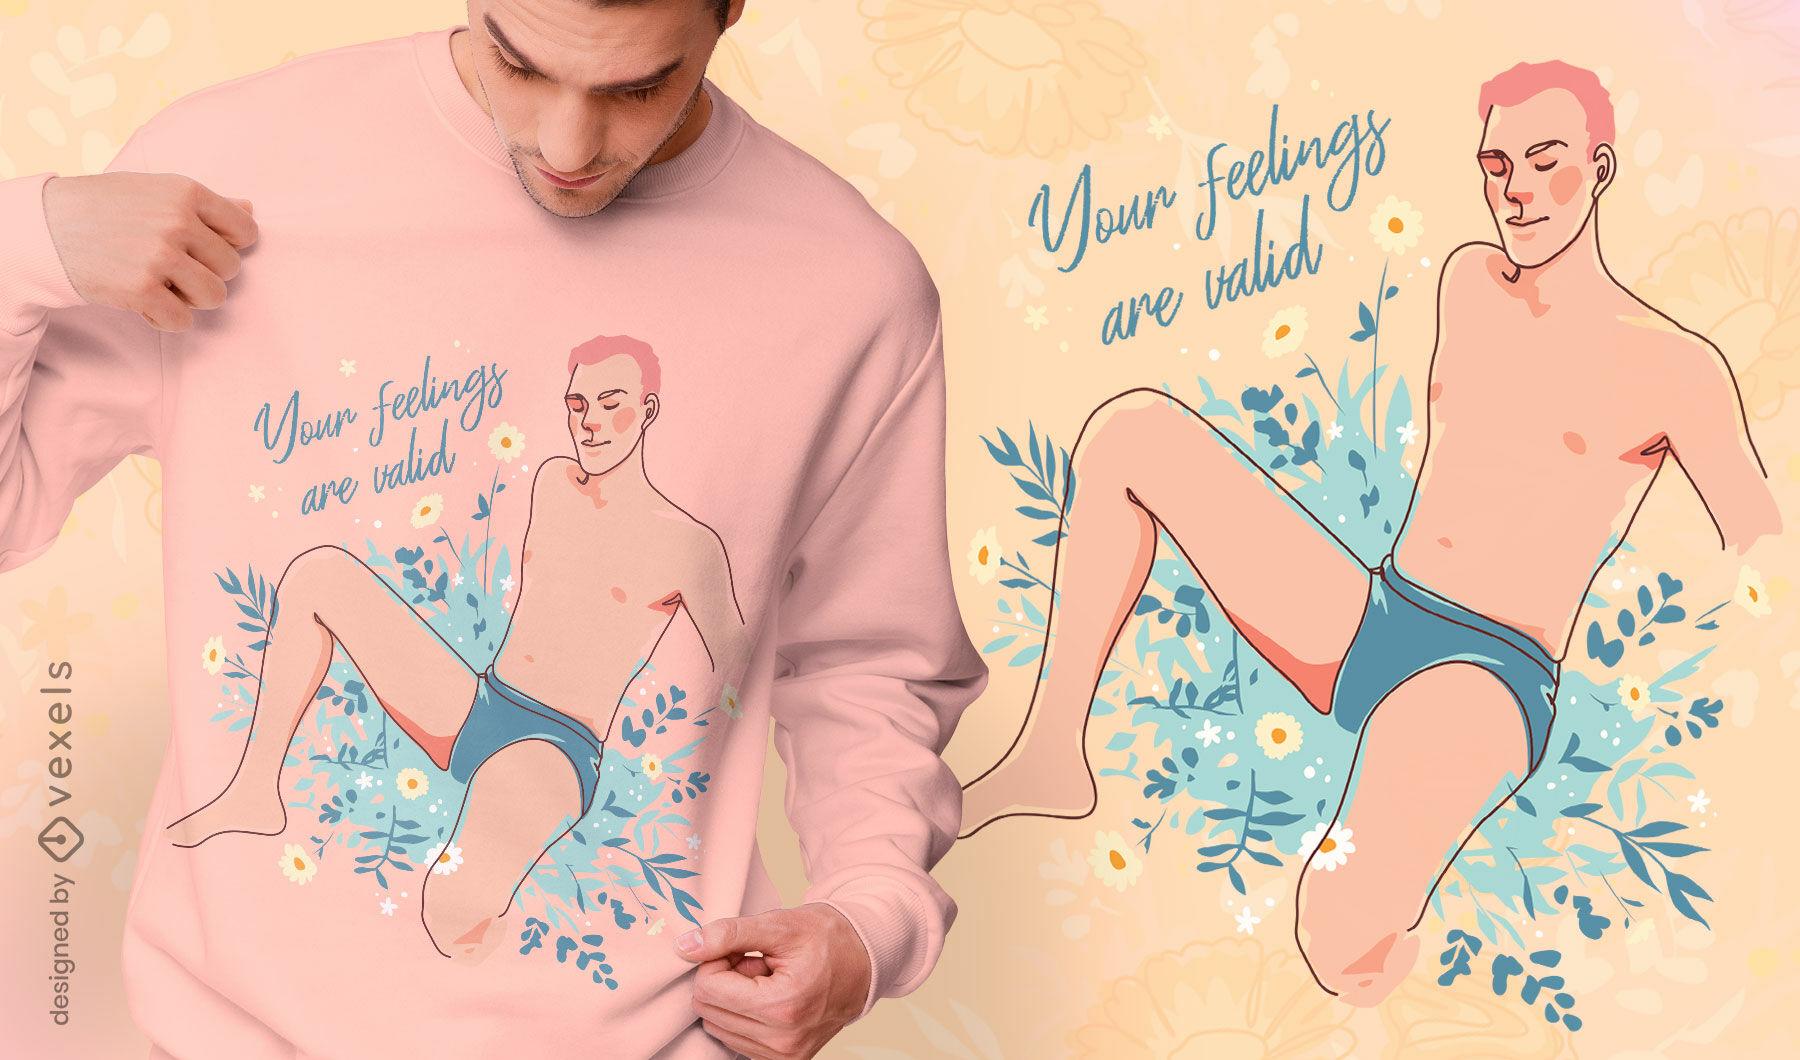 Design de t-shirt de sentimentos válido